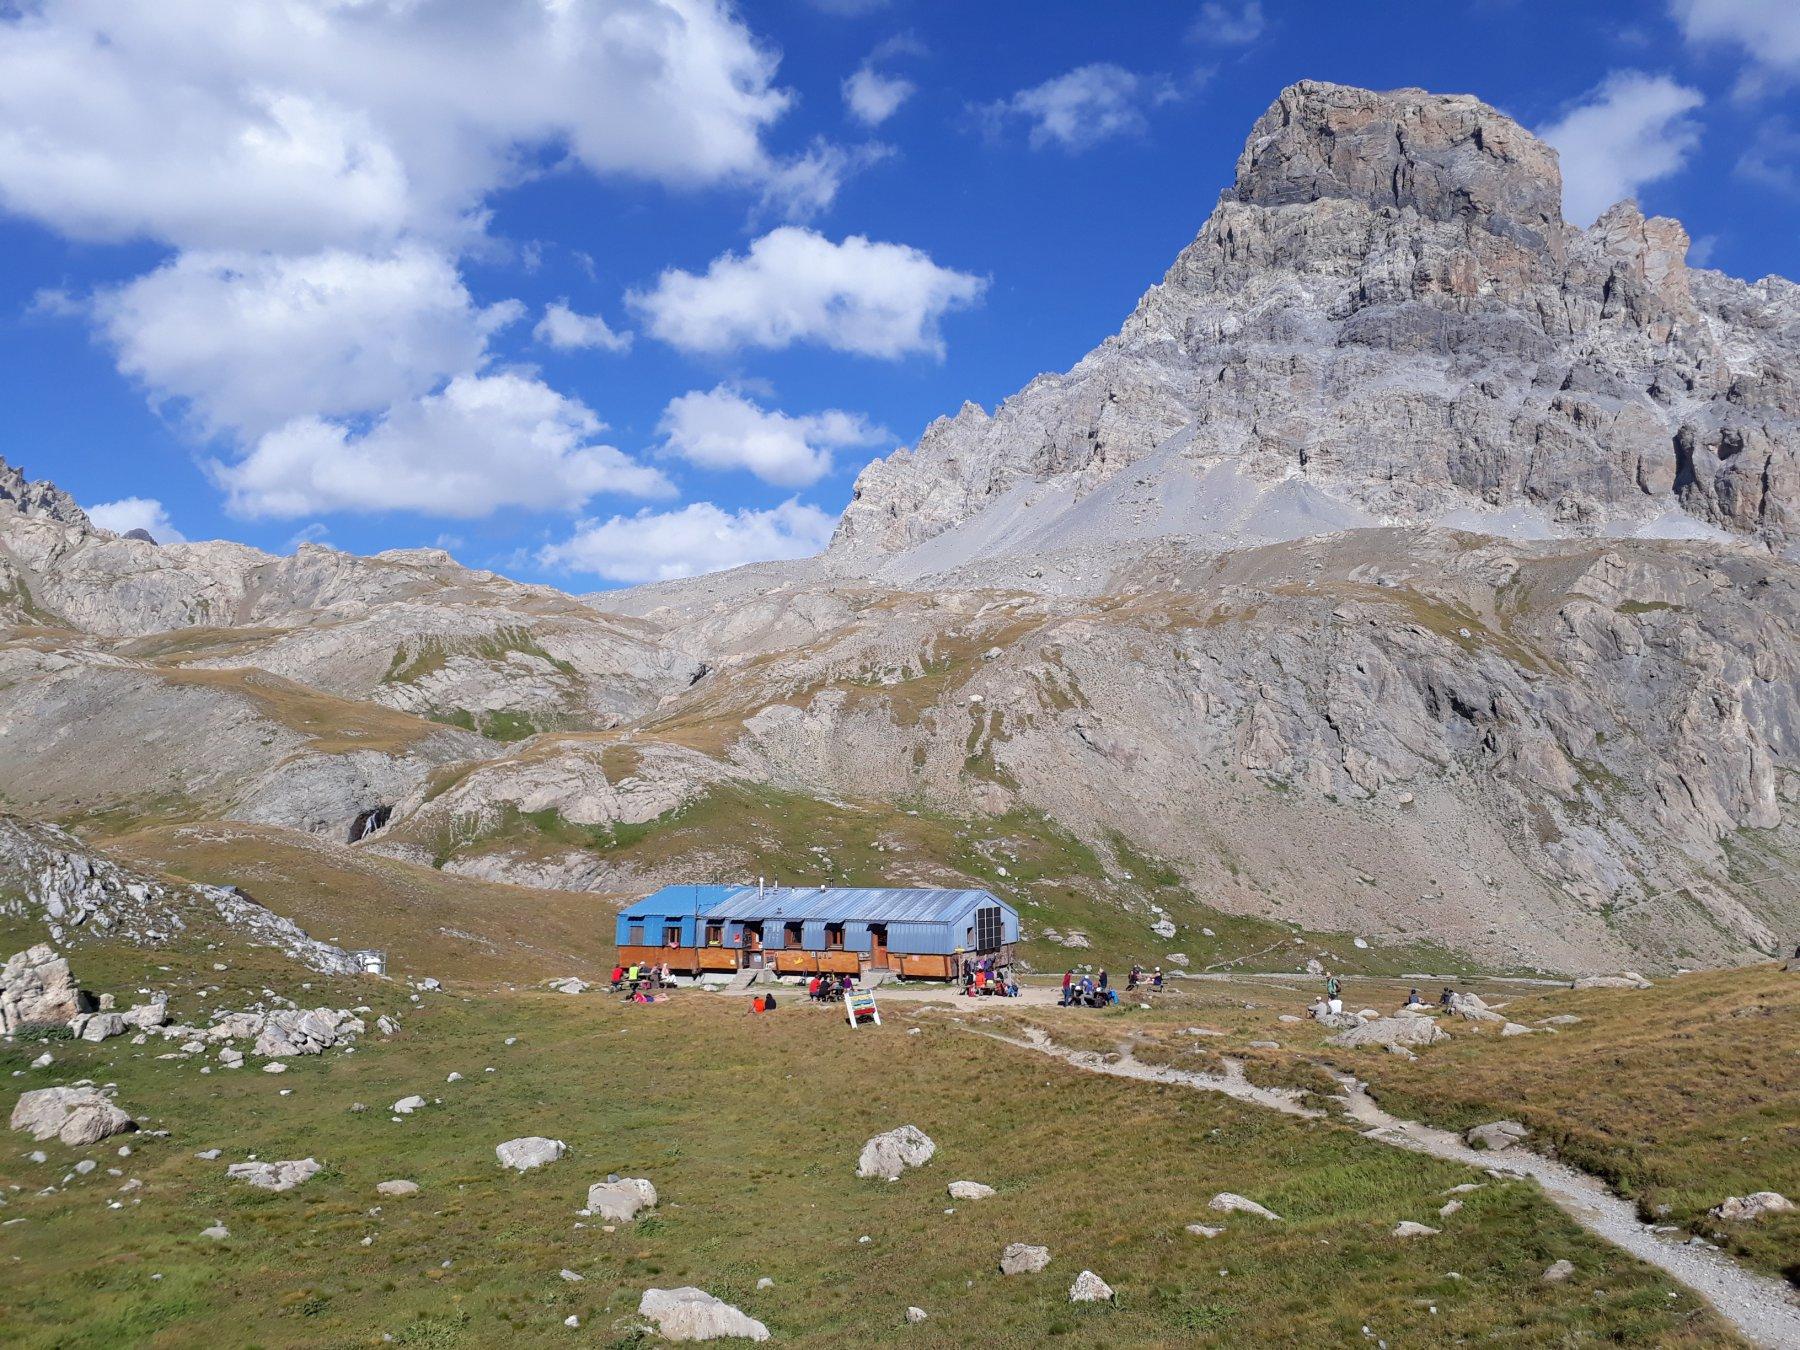 Il rifugio Chambeyron, sullo sfondo il Brec del Chambeyron